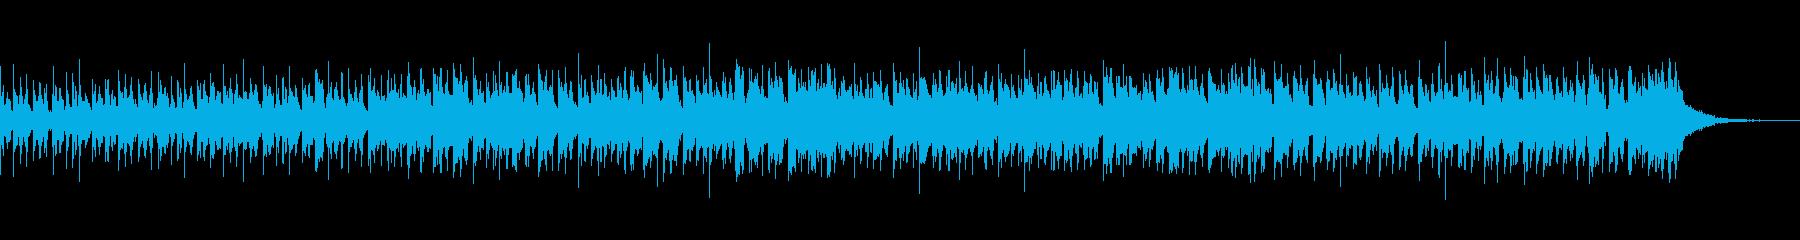 激しく幻想的なテクノアンビエント 30秒の再生済みの波形